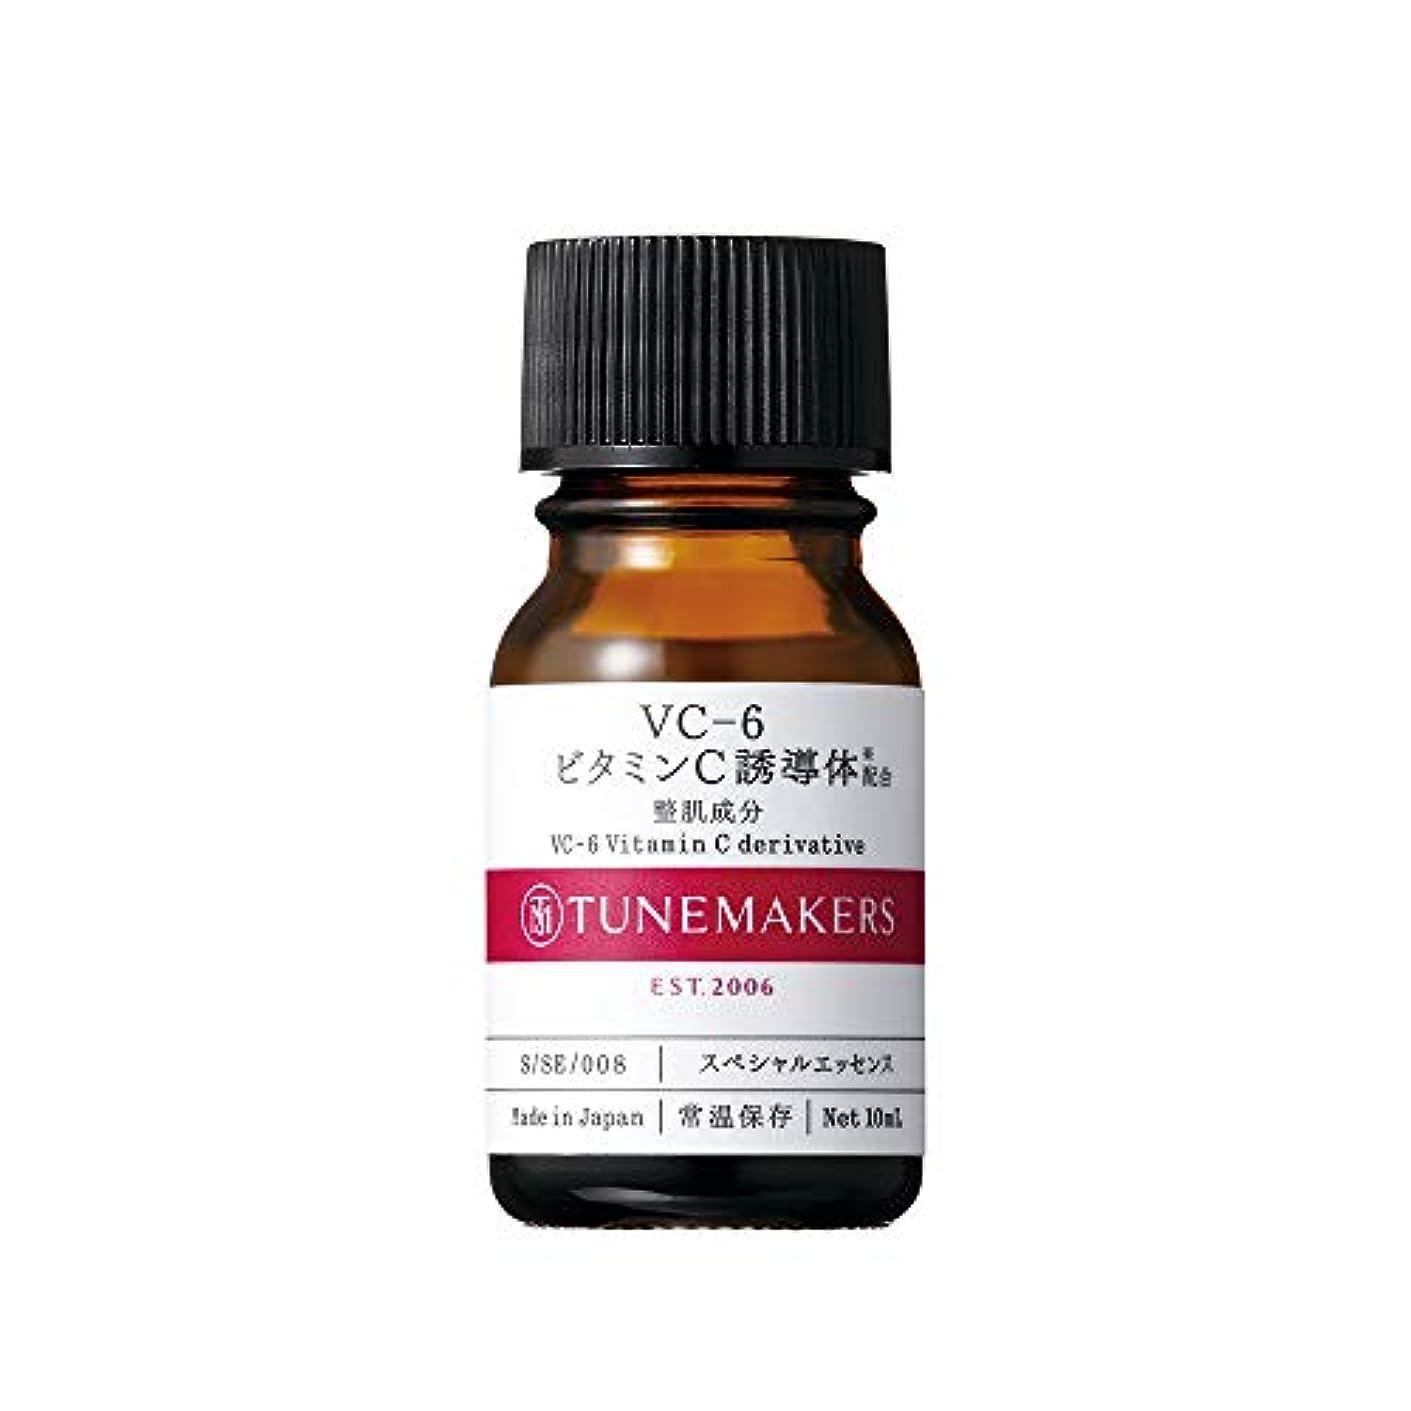 抑圧うっかりうがい薬TUNEMAKERS(チューンメーカーズ) VC-6 ビタミンC誘導体 美容液 10ml